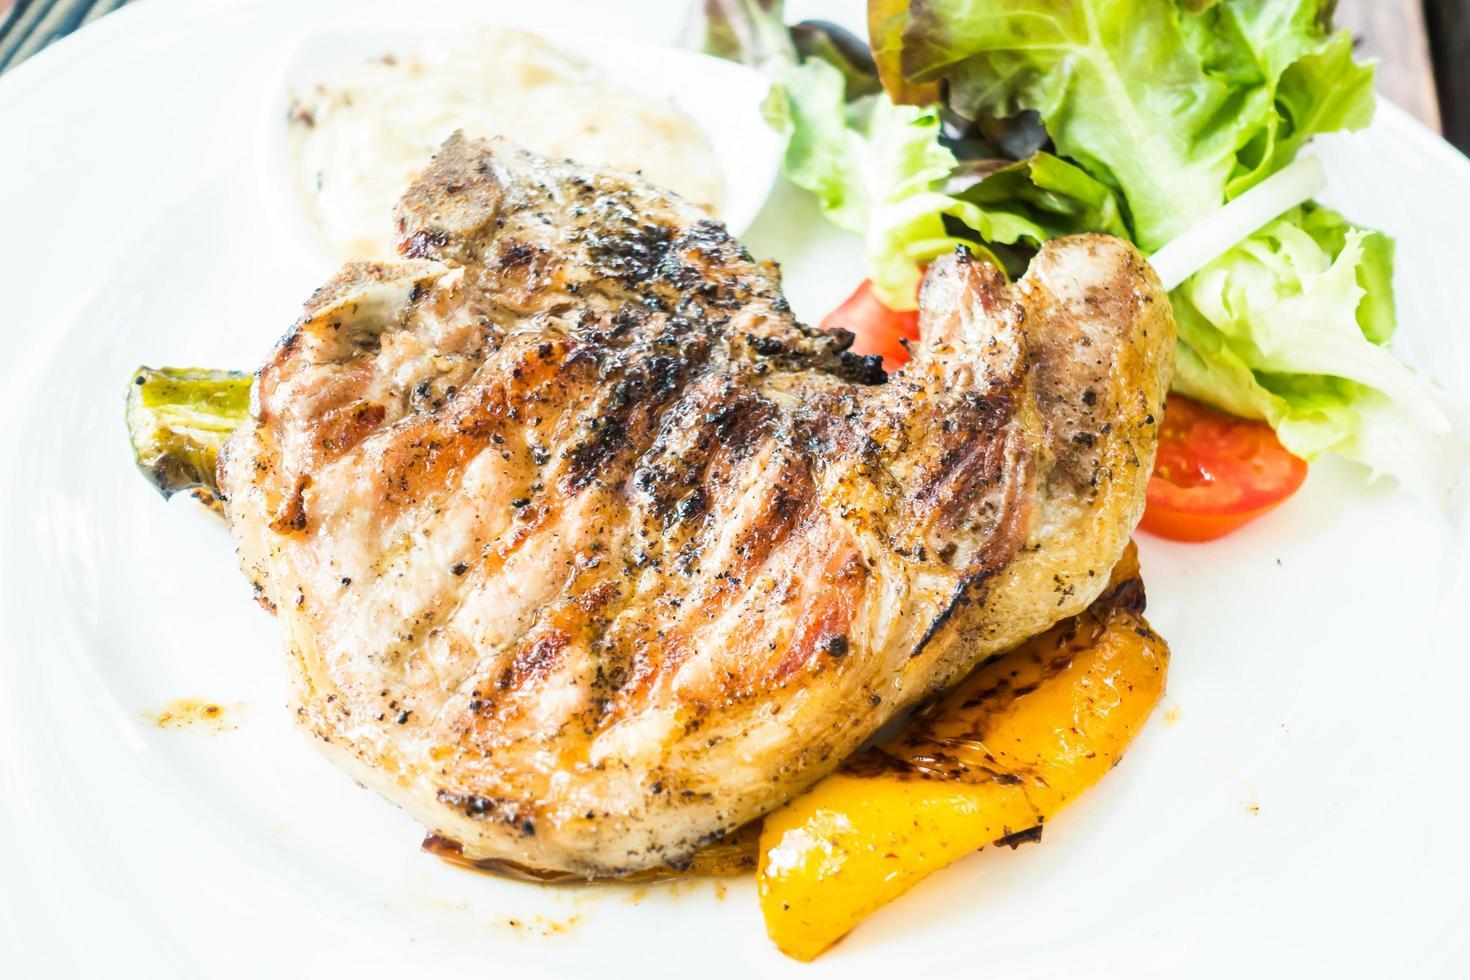 karbonade steak foto